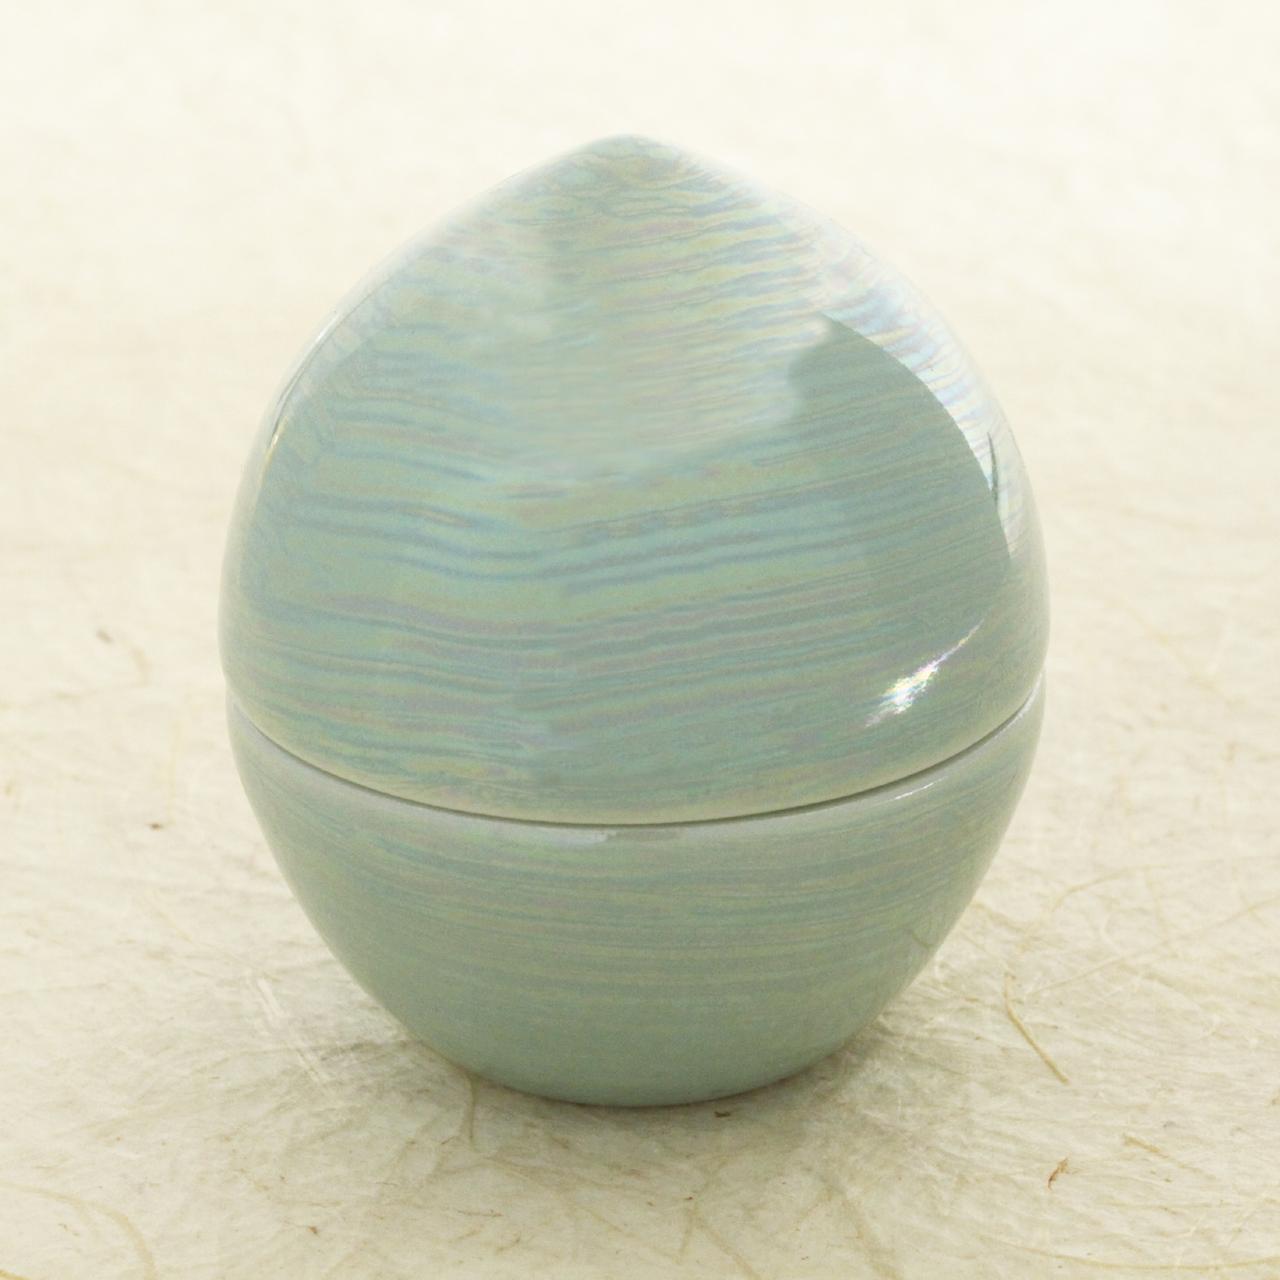 画像5: 虹珠 - 思い出とともに遺骨や形見の品を納めておける小さなしずく